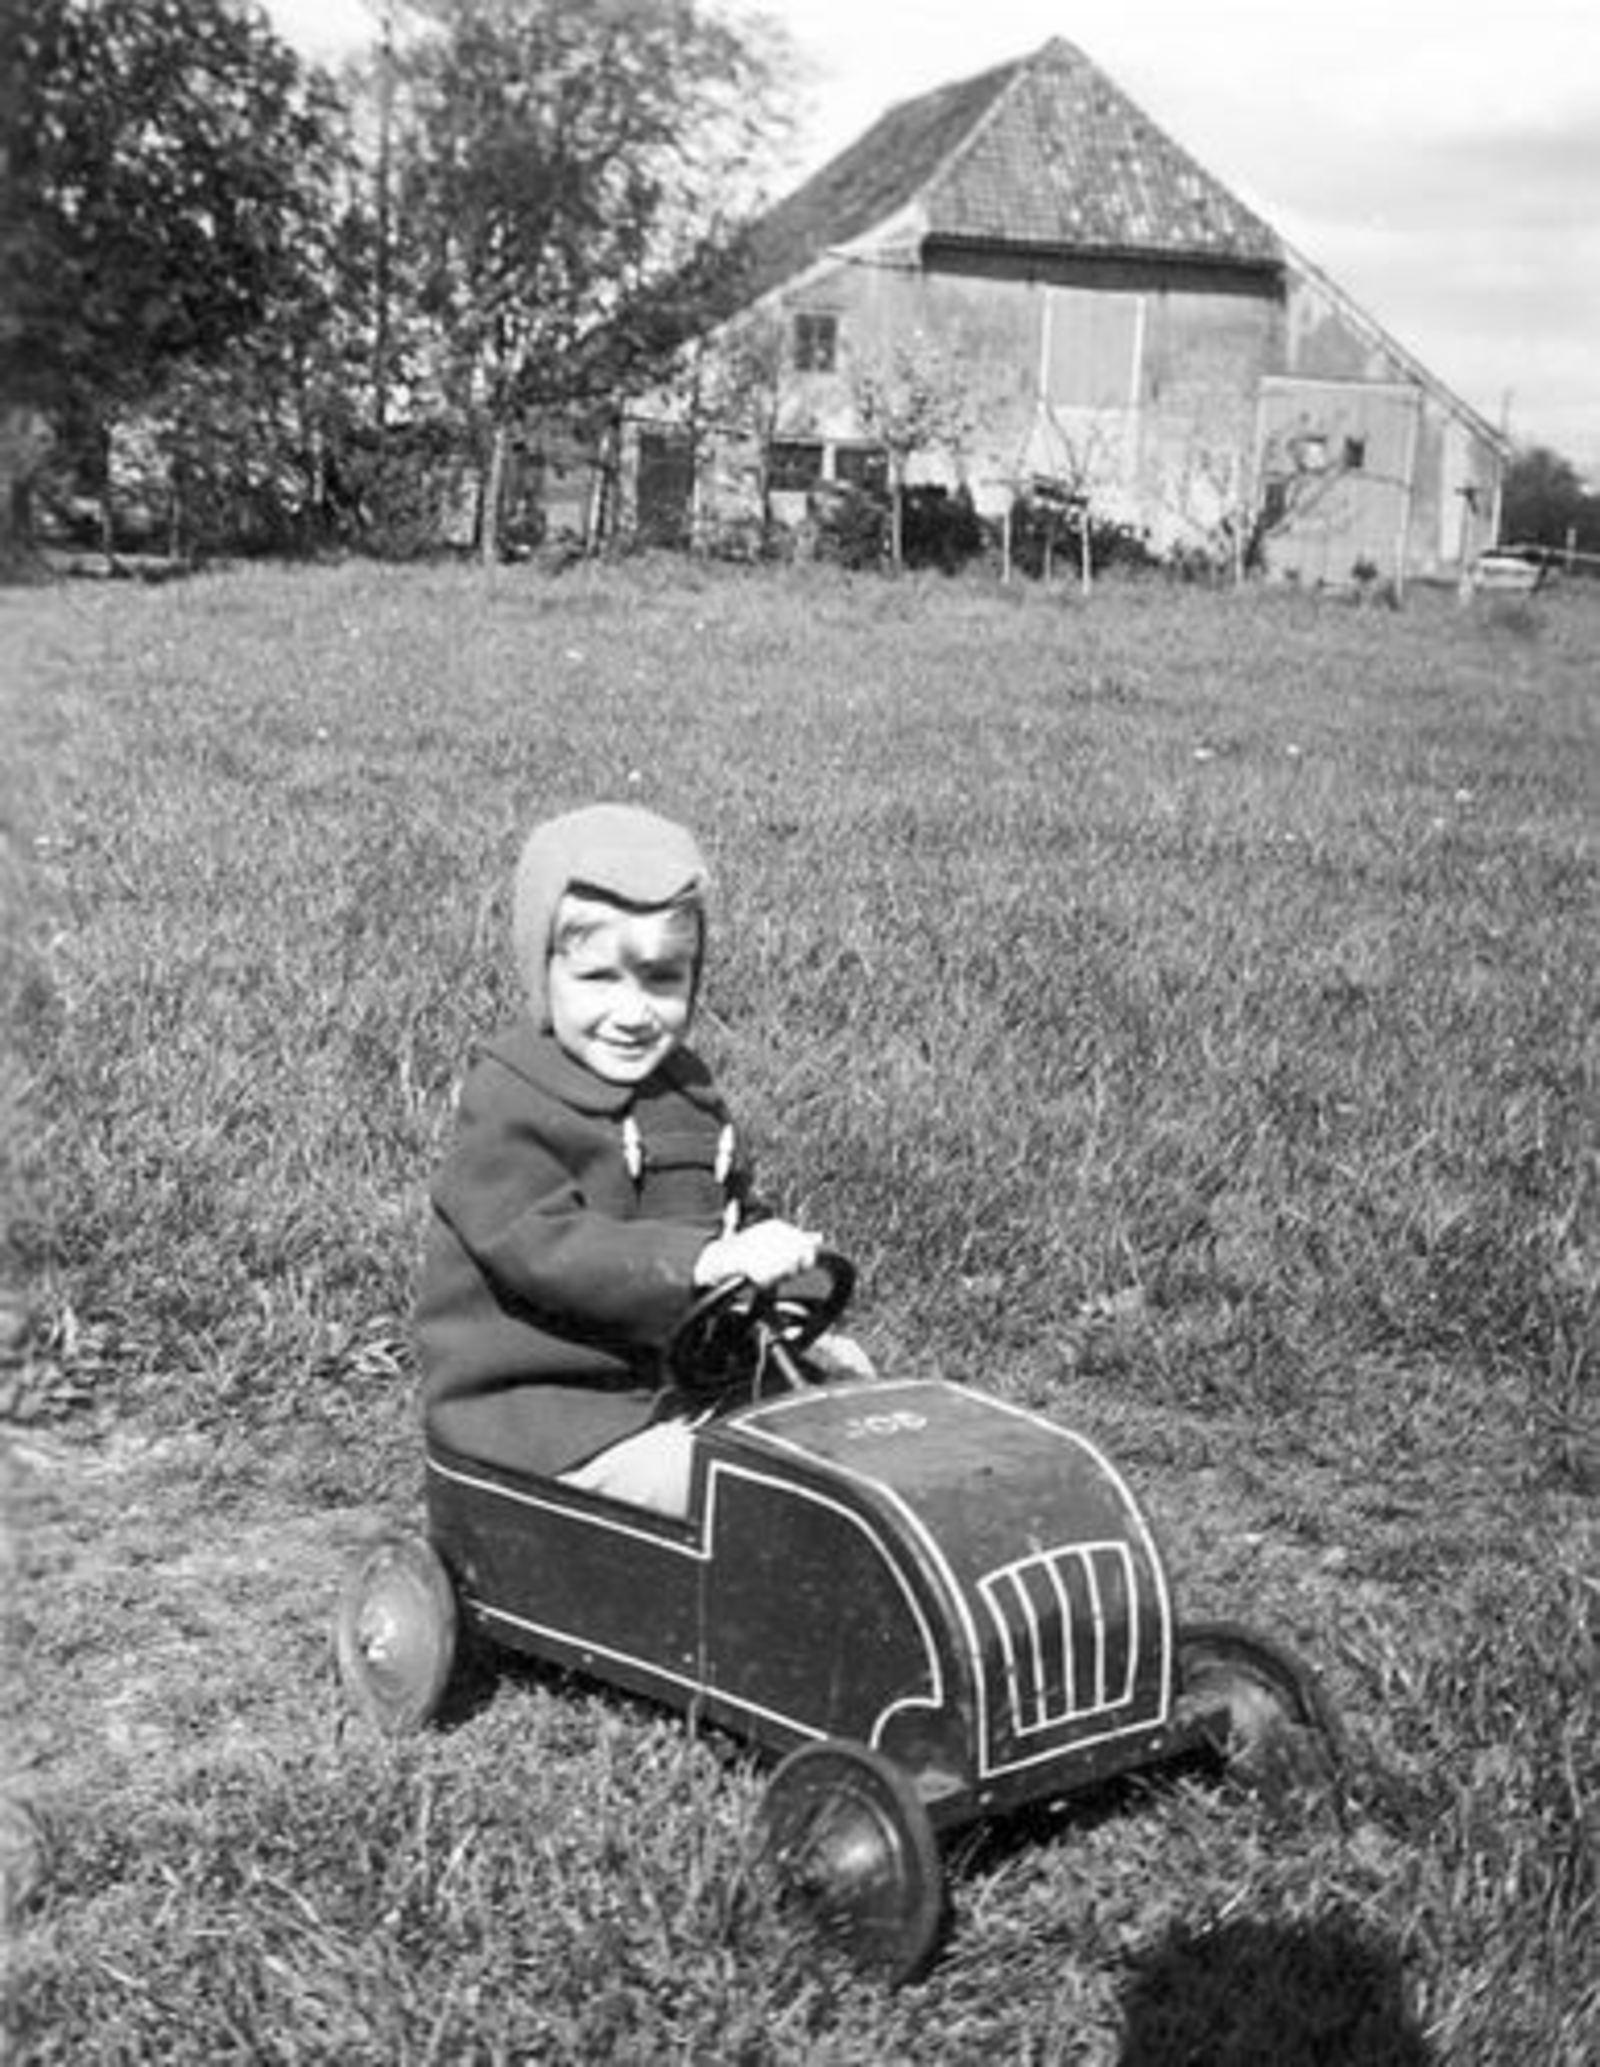 Oude Kruisweg Z 0210 1955± met Ben Pijpers in Trapauto